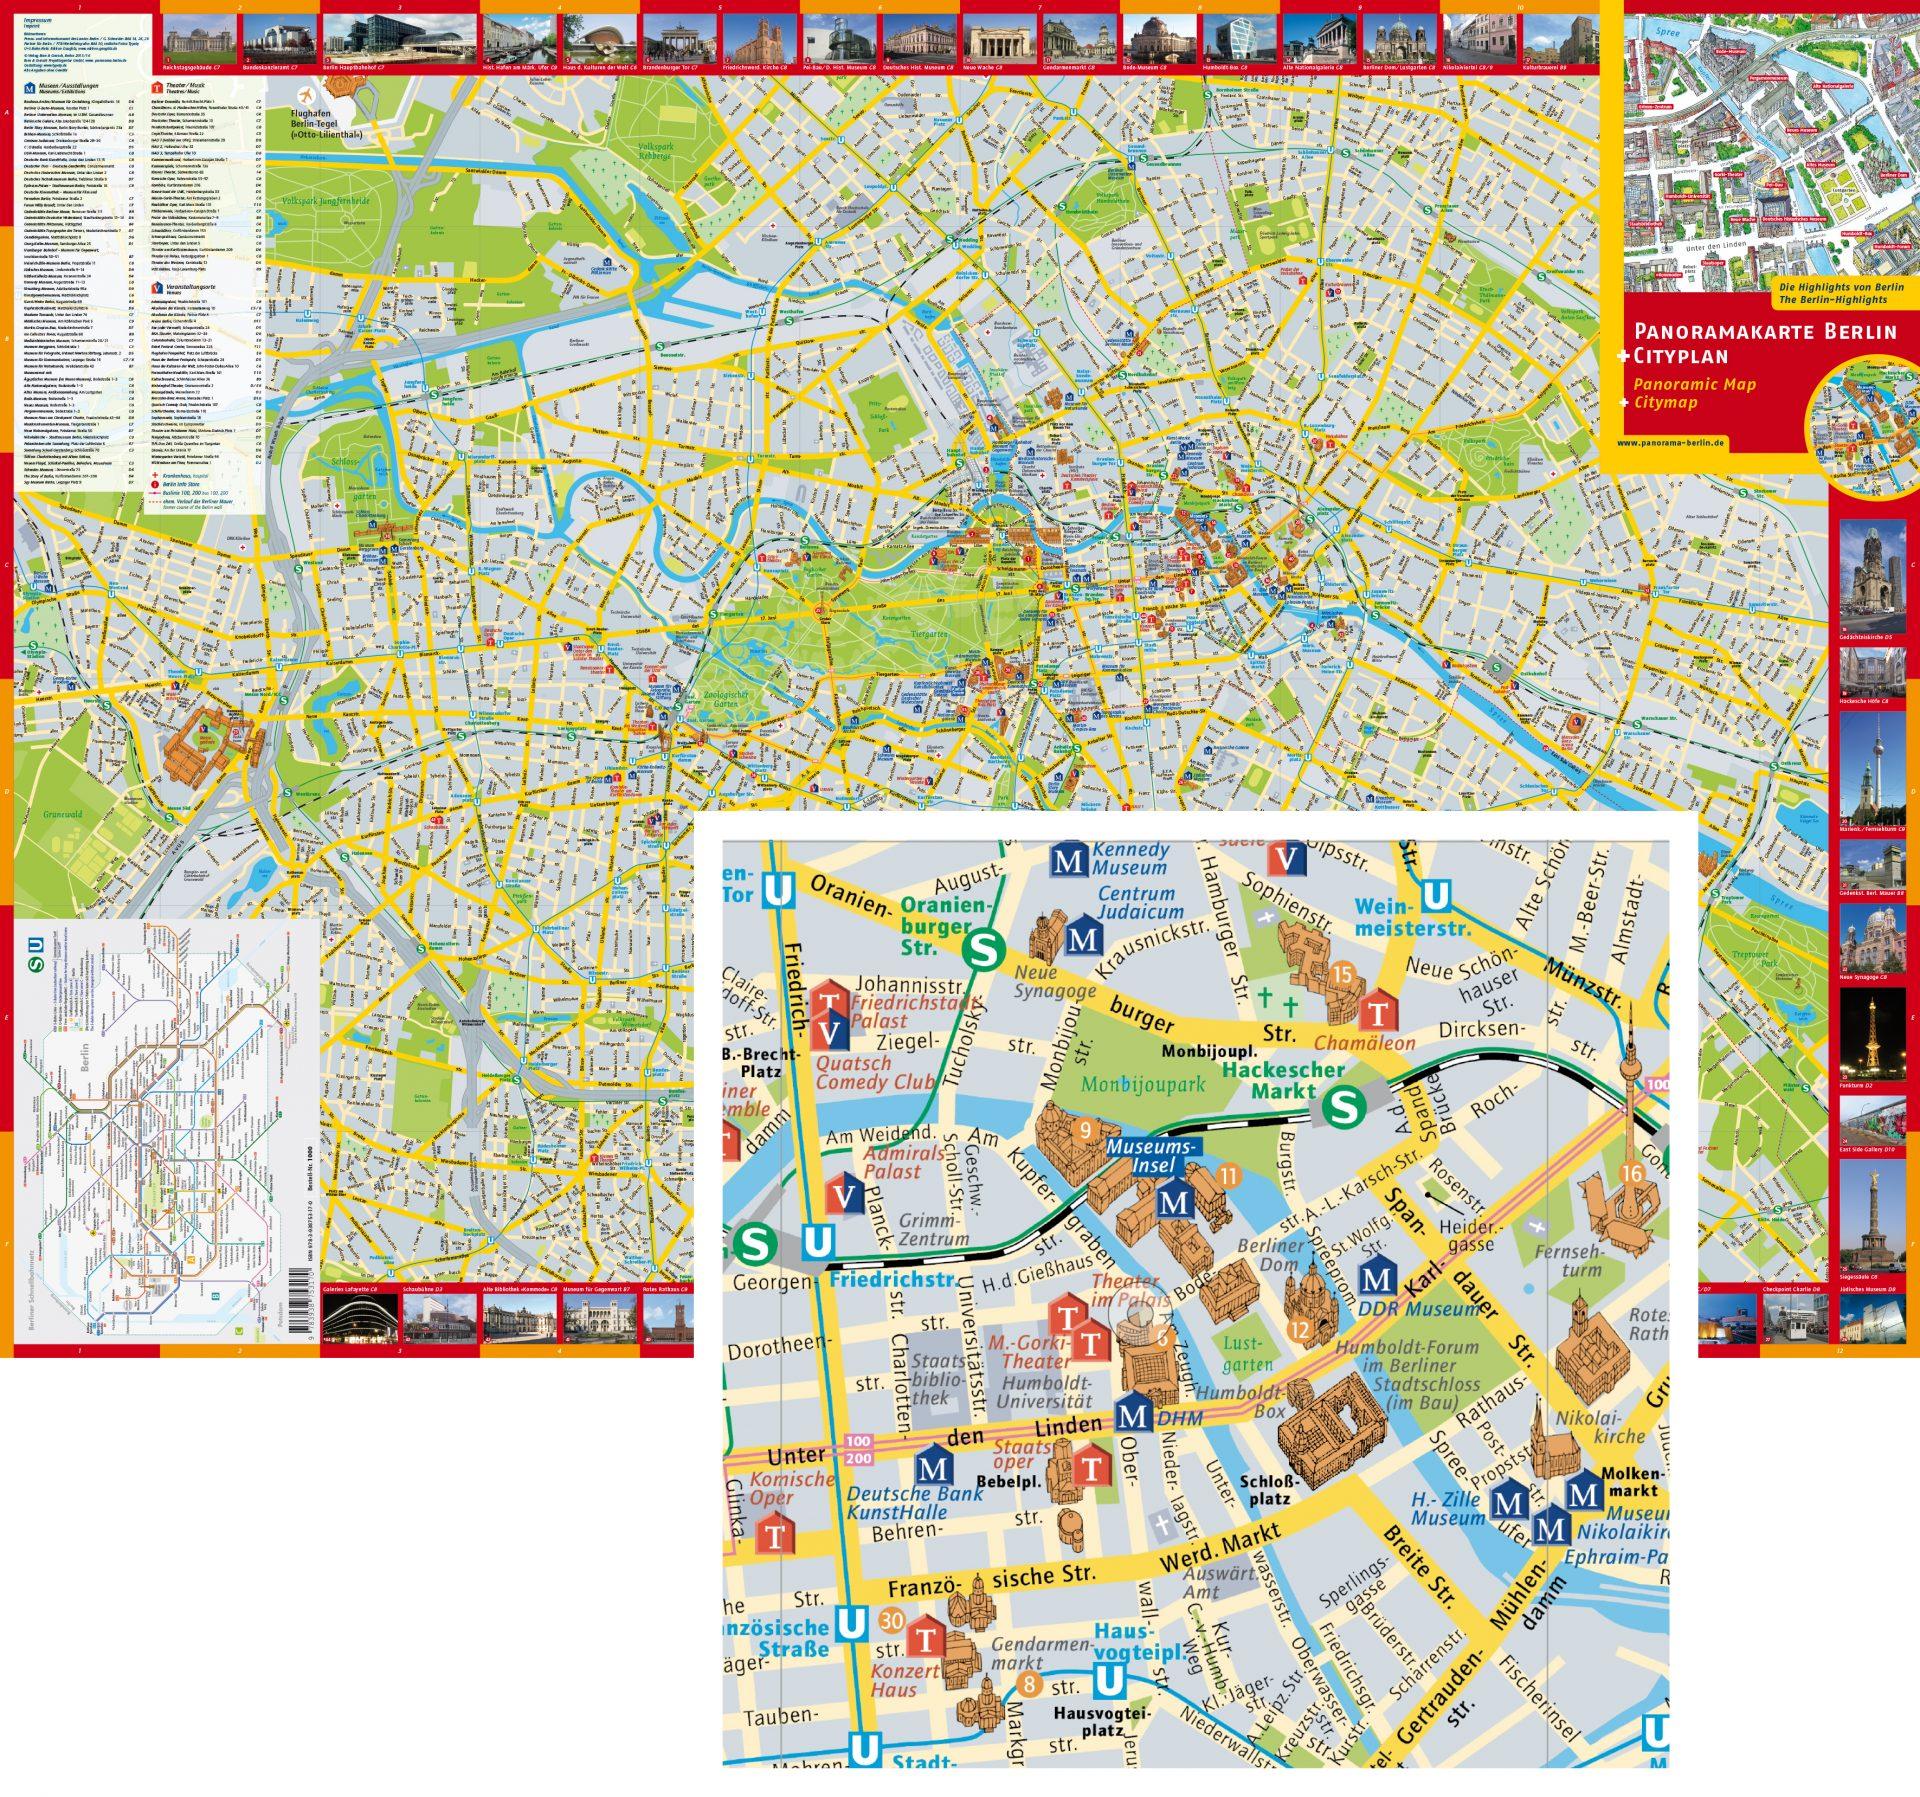 Stadtplan von Berlin mit dreidimensionalen Häusern - Typoly